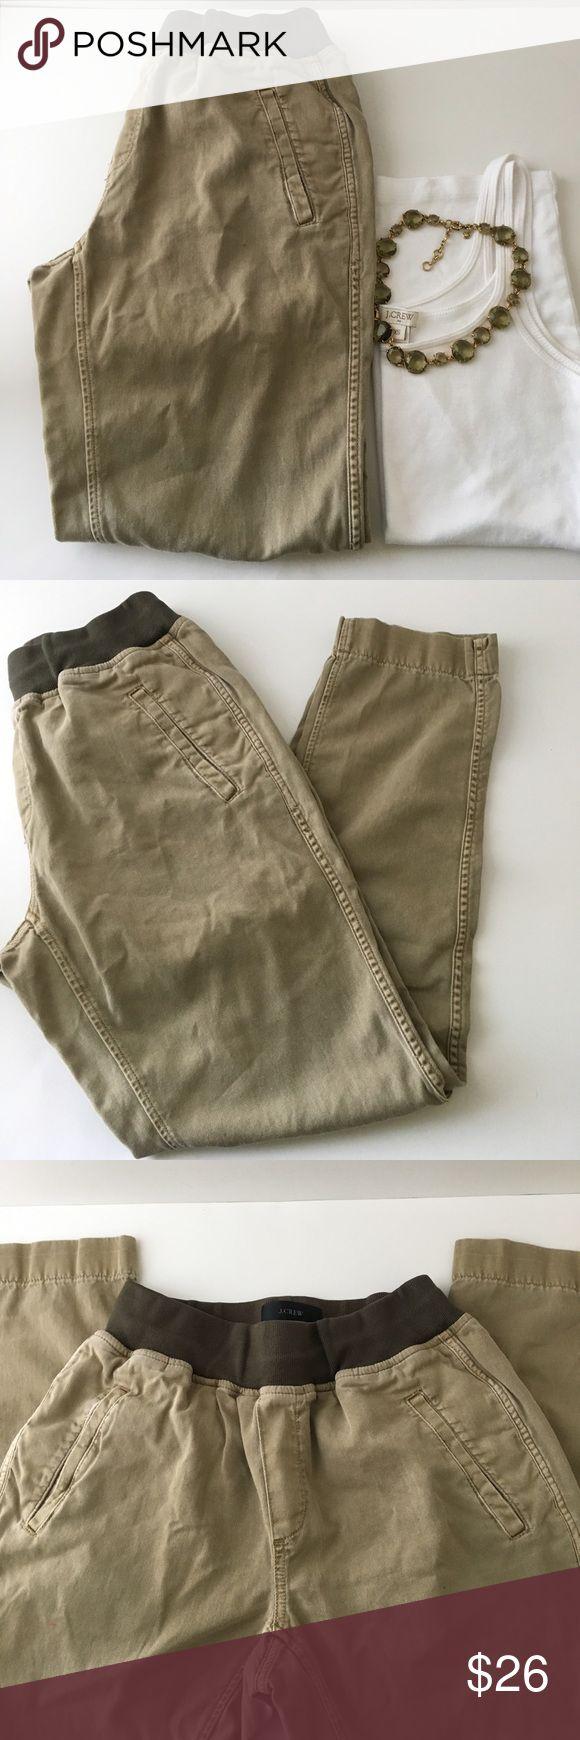 J crew kaki pants Kaki pants size 2 J. Crew Pants Straight Leg